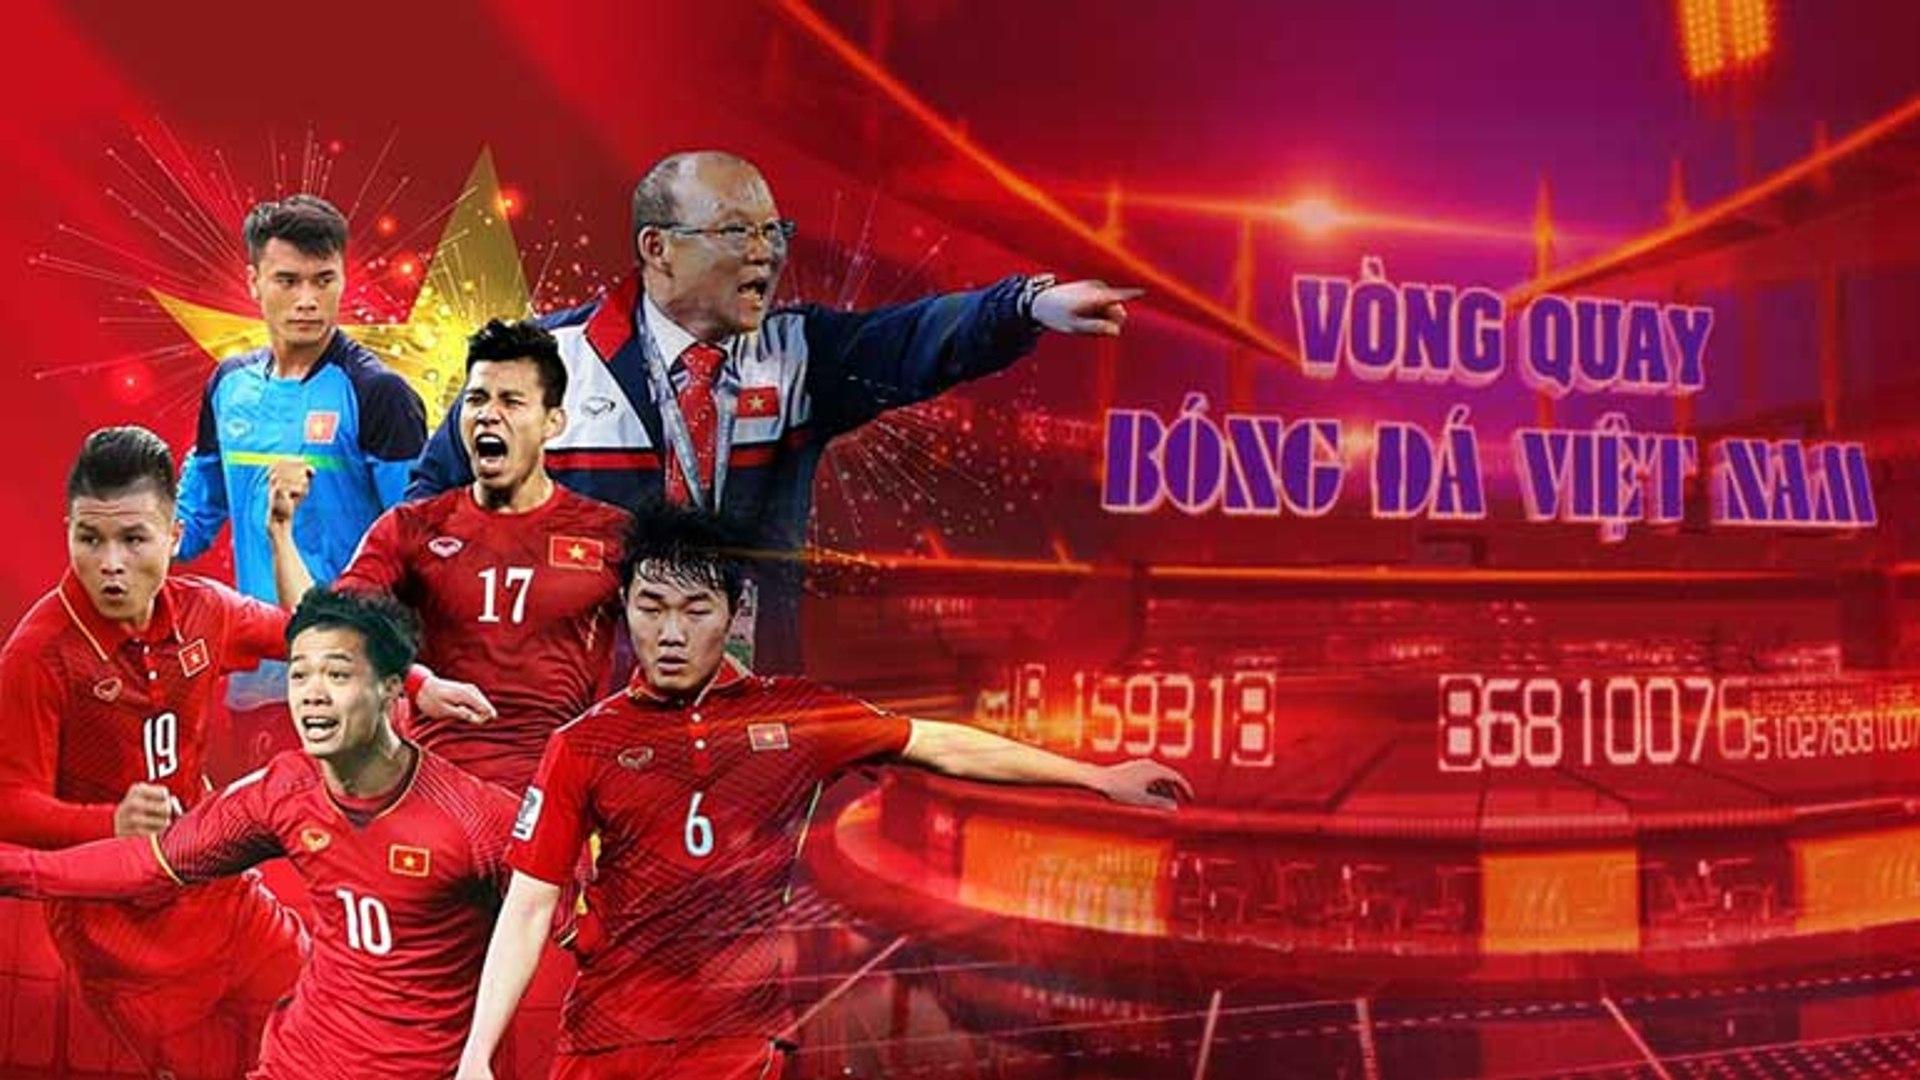 Vòng quay bóng đá Việt Nam-09/04/2019